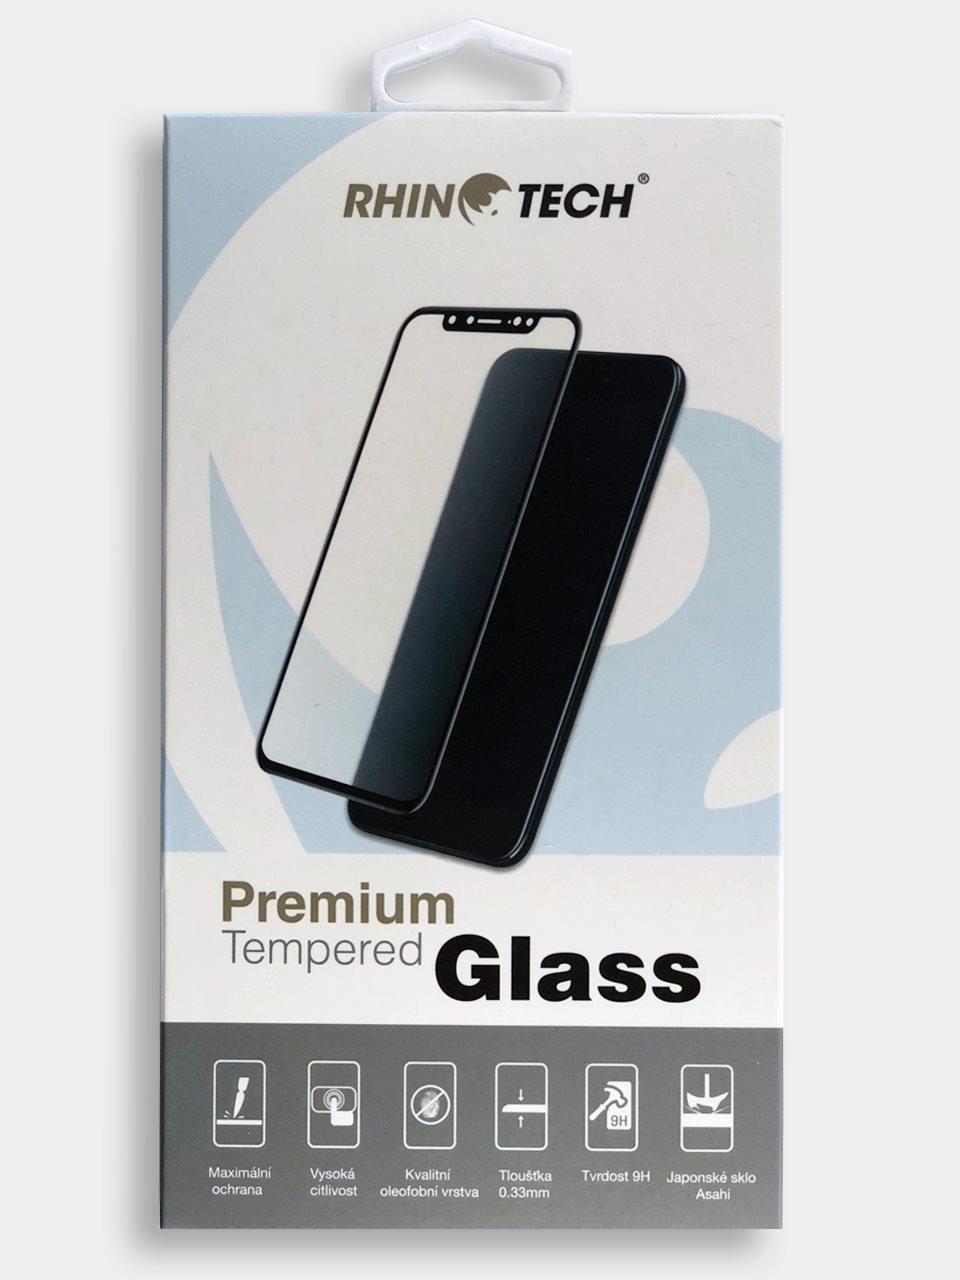 RhinoTech 2 Tvrzené ochranné 2.5D sklo pro Xiaomi Redmi Note 5A Prime, Black